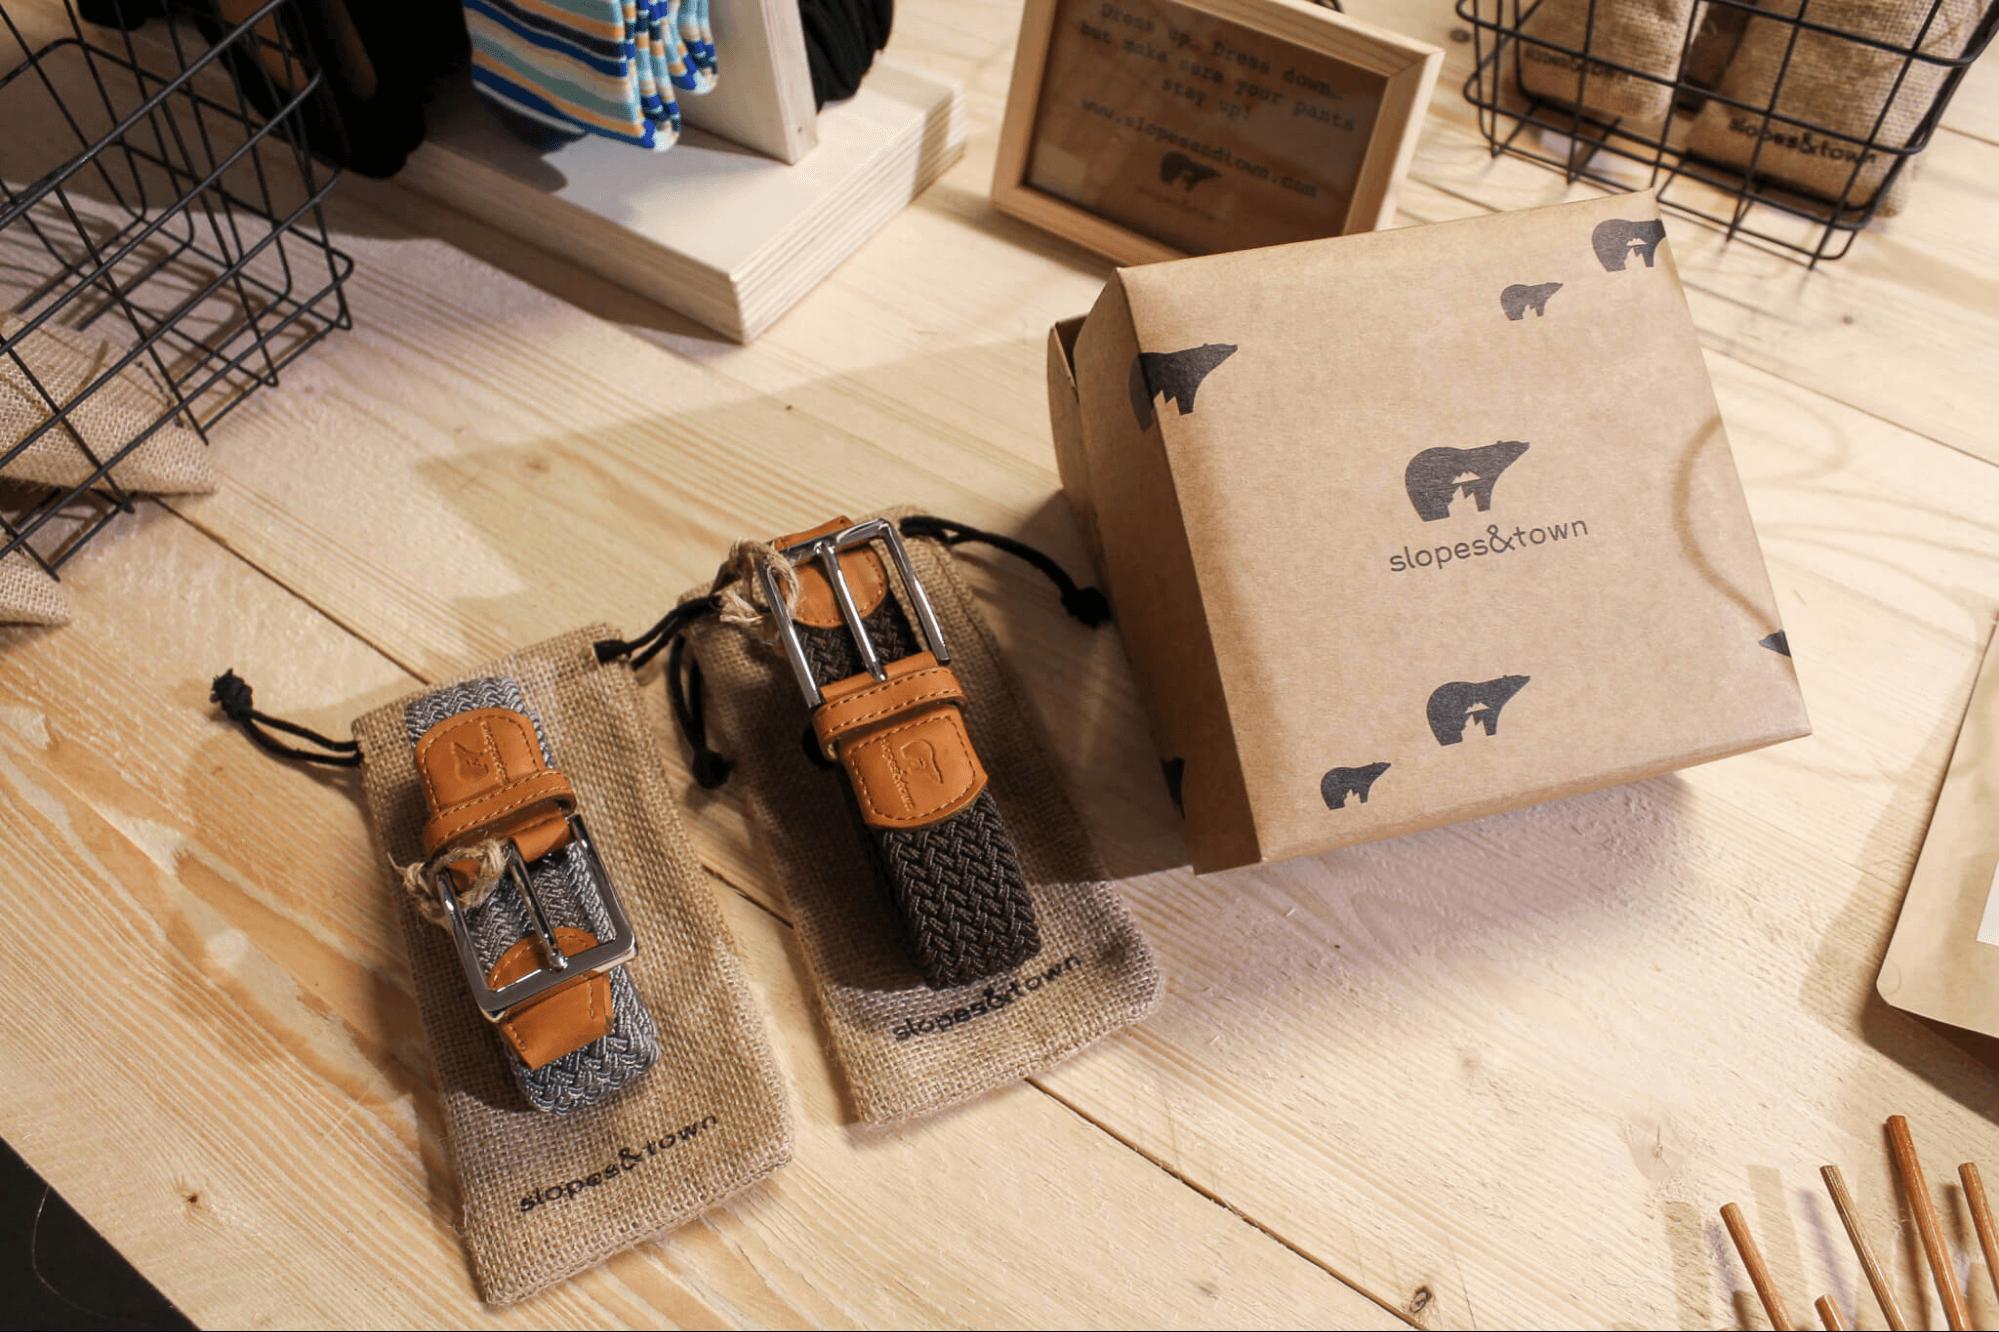 Eco carton de la marque Slopes & Town conçu par Packhelp - emballage ecologique